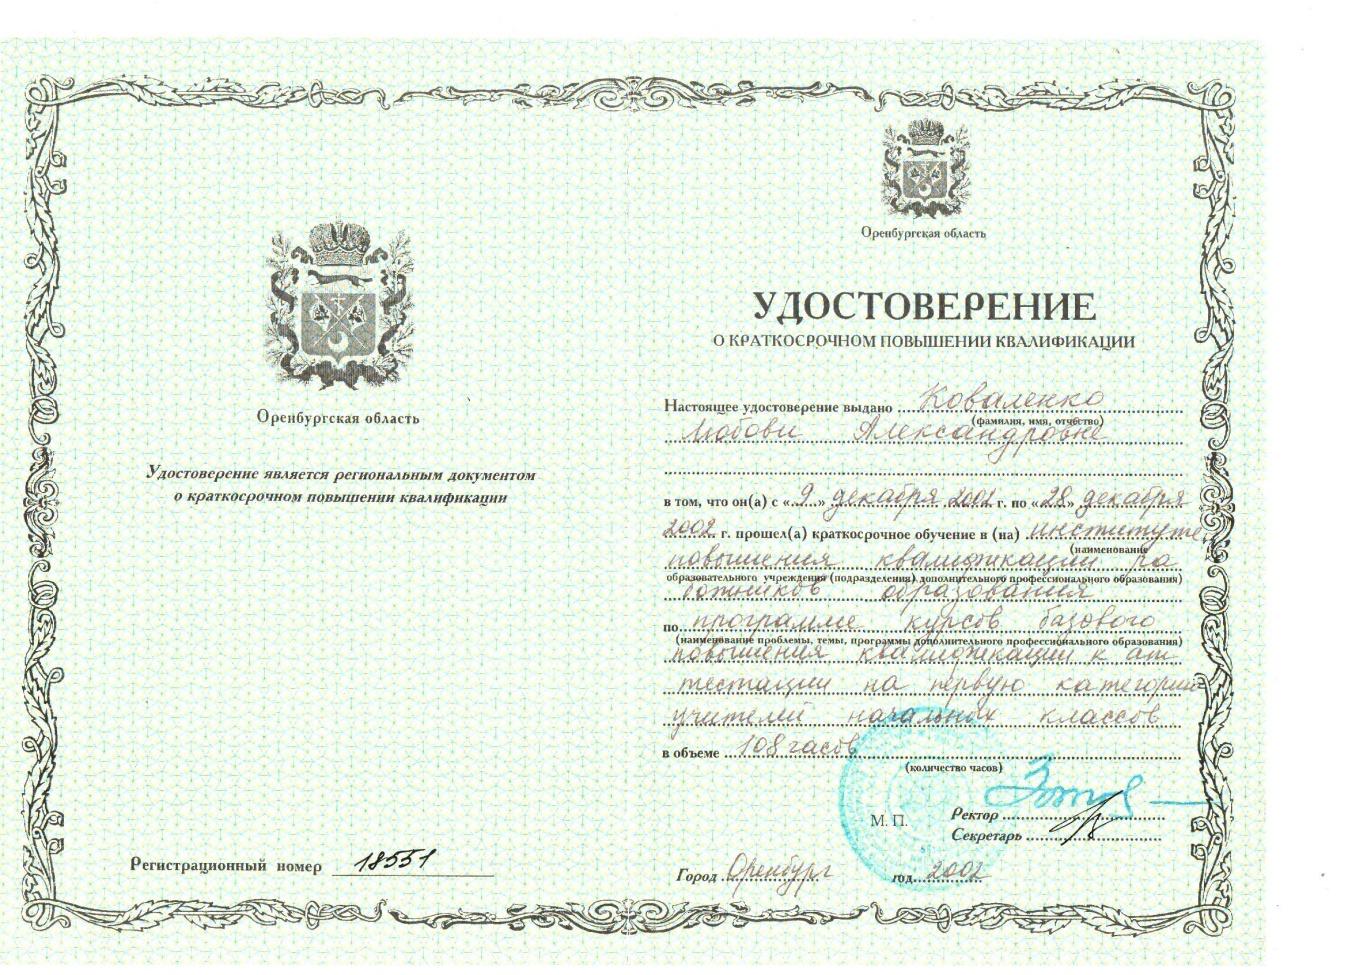 F:\грамоты\sergei_752@mail.ru\helios84@mail.ru\коваленко0003.jpg